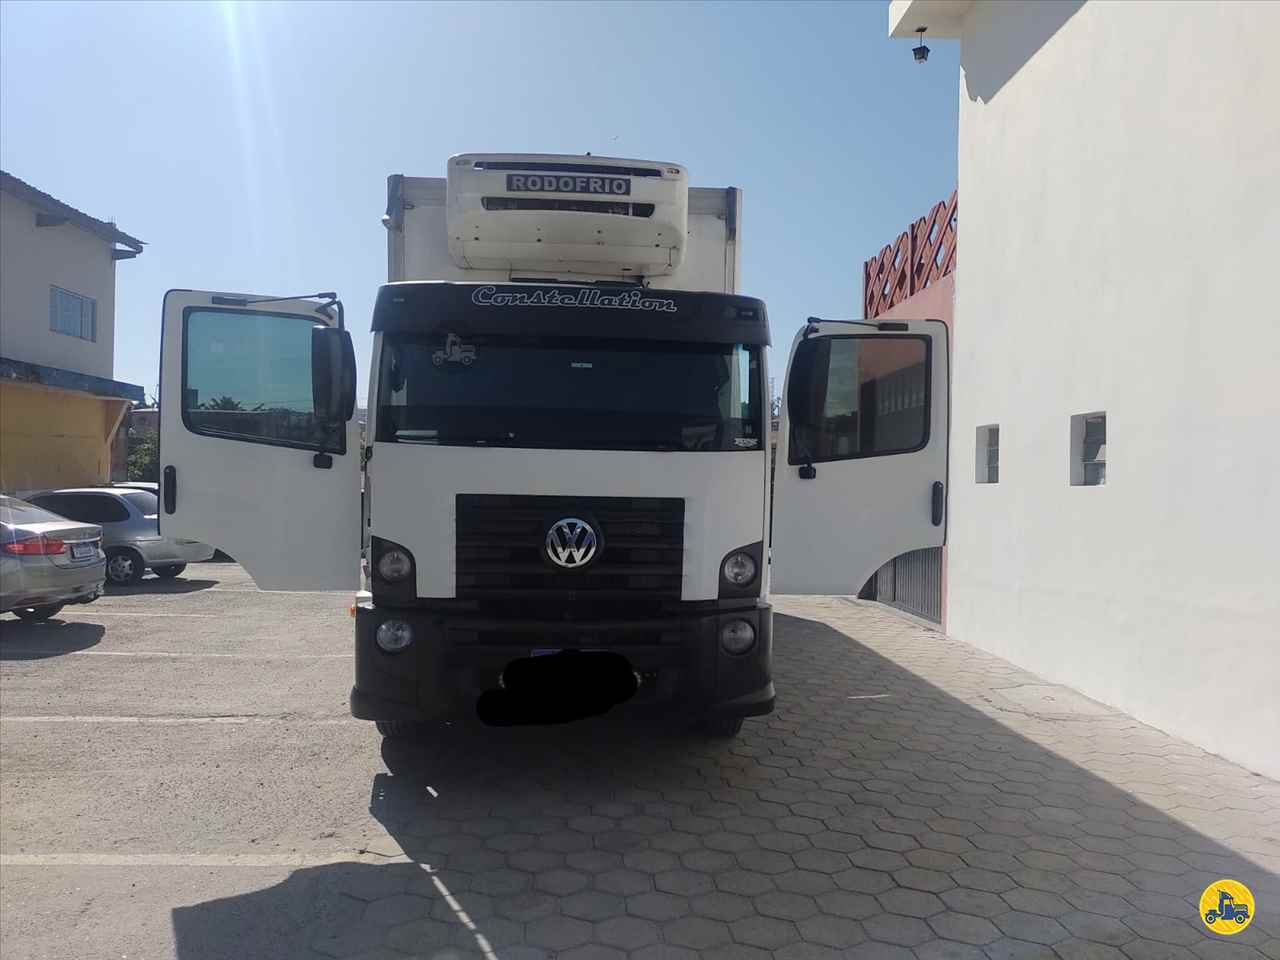 CAMINHAO VOLKSWAGEN VW 17280 Baú Frigorífico Truck 6x2 Wilson Caminhões RIBEIRAO PIRES SÃO PAULO SP